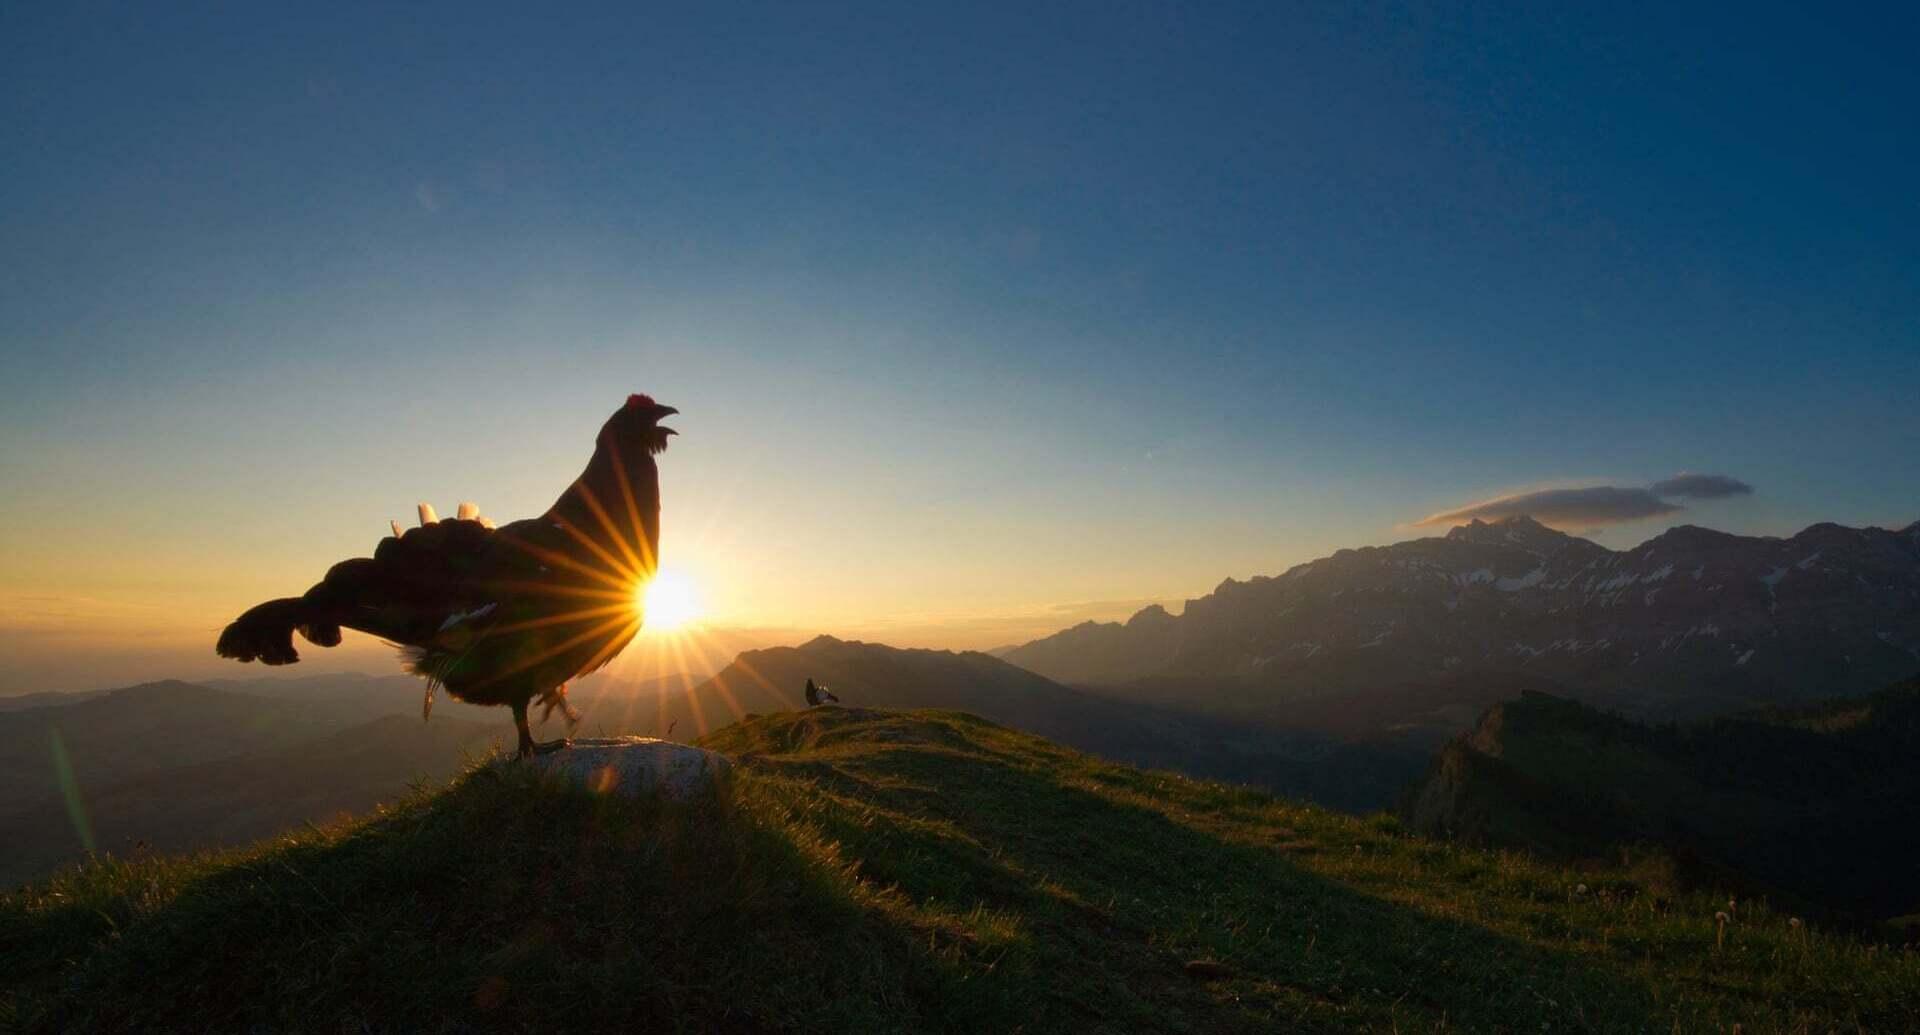 פוטו תחרות צילומי ציפורים 2021 תרנגול